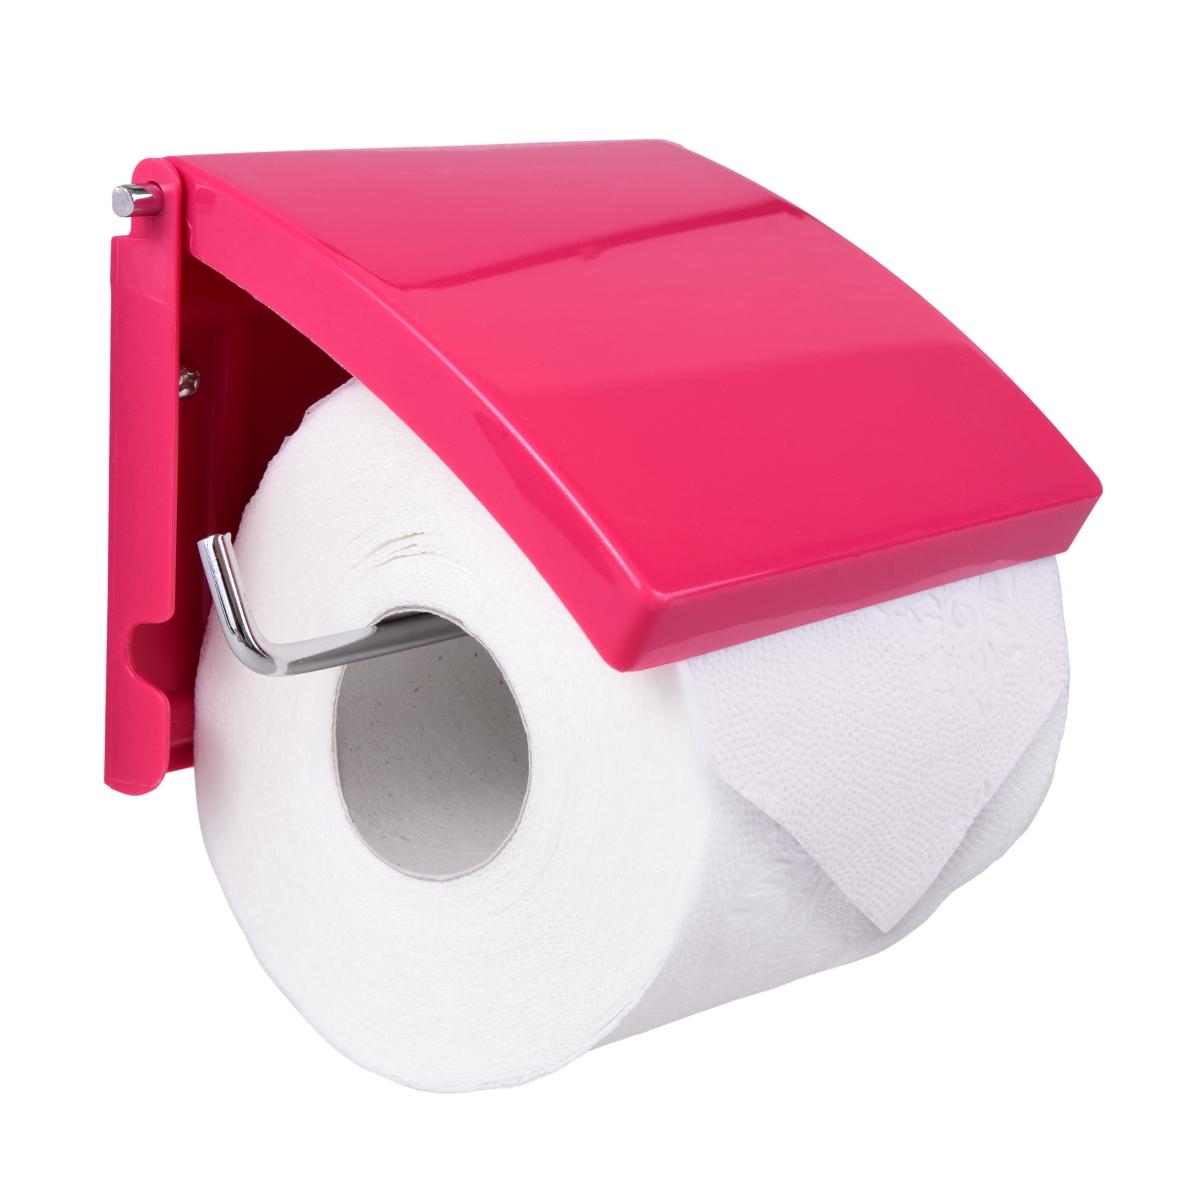 Držák toaletního papíru malinový